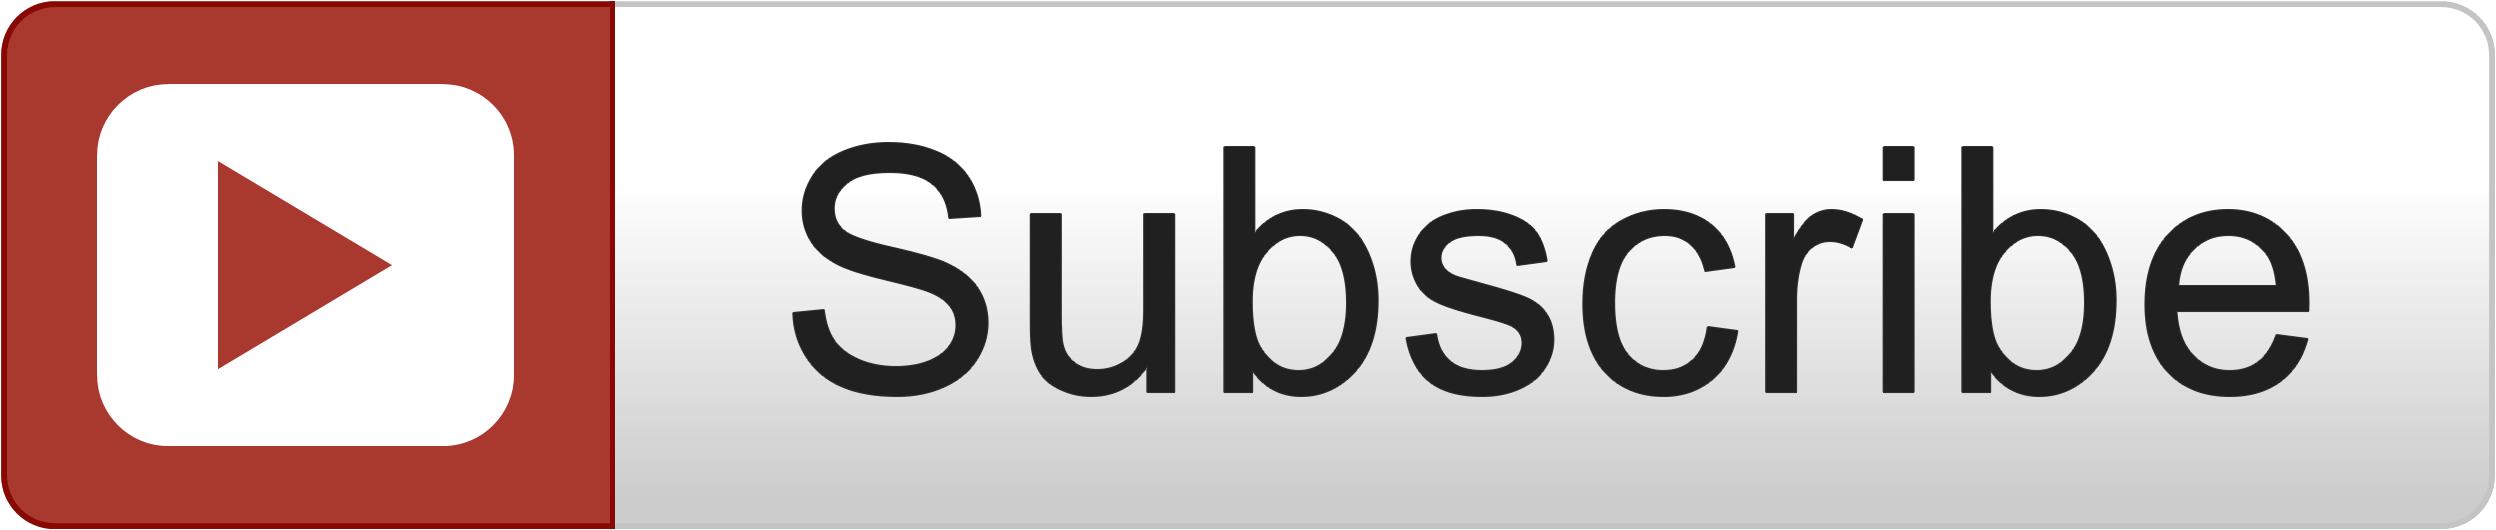 Youtube Subscribe Button 2013 Social Media Tips Social